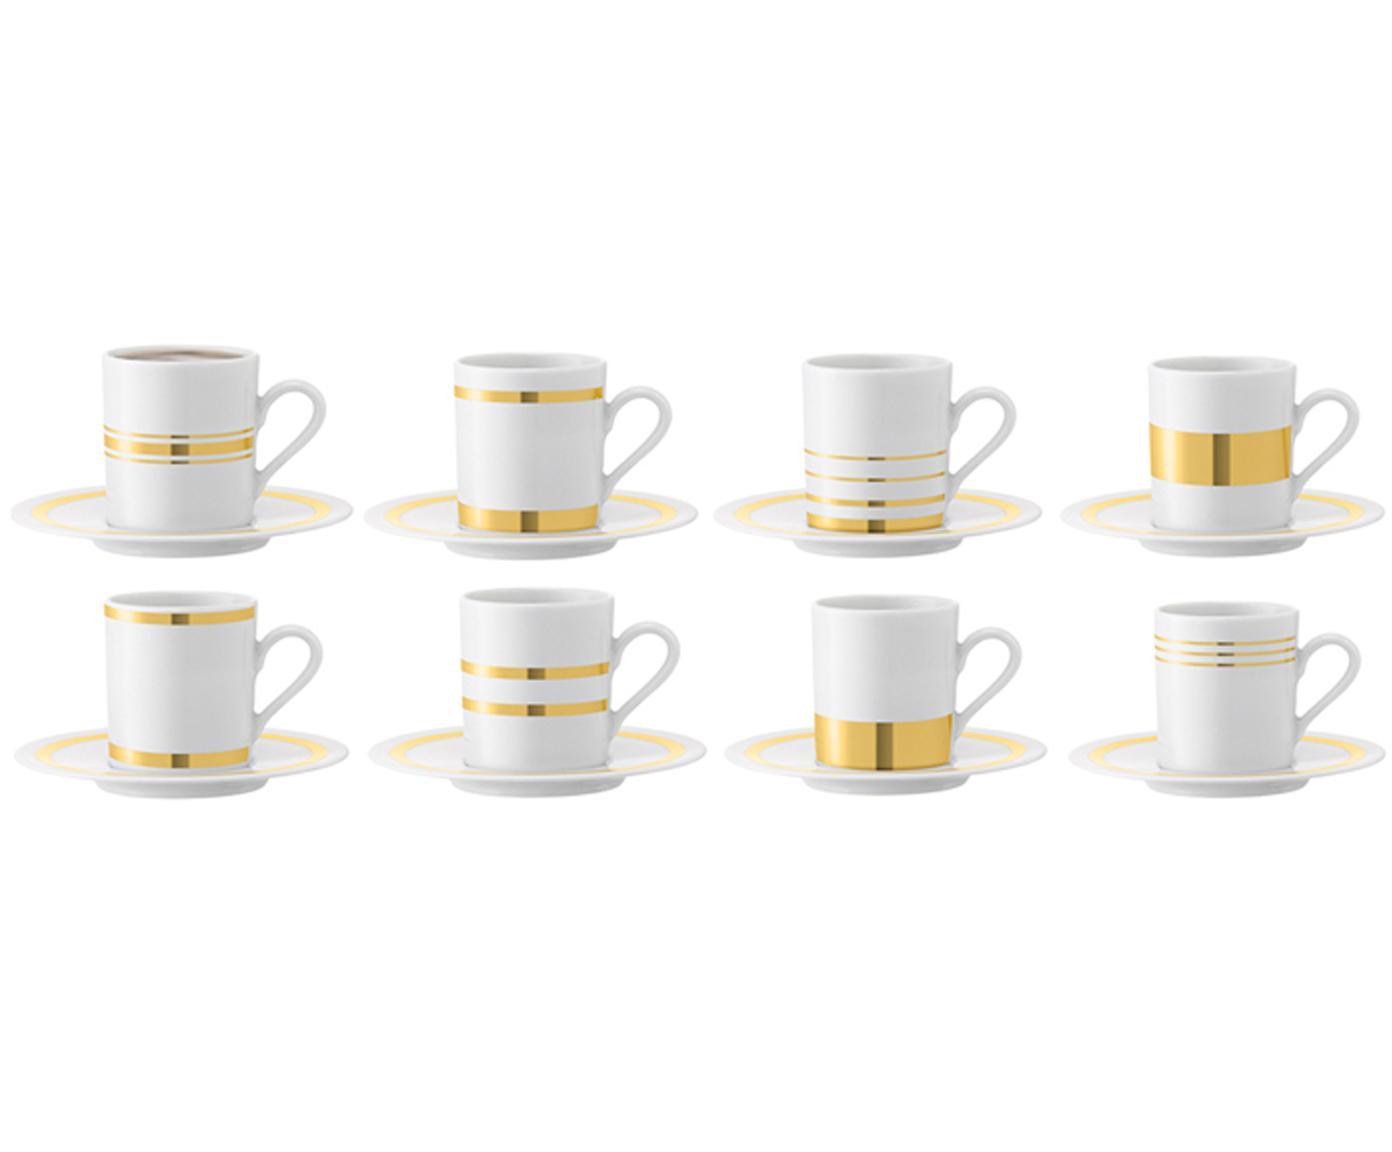 Set de tazas de café Deco, 16pzas., Porcelana, Blanco, dorado, Ø 7 x Al 7 cm